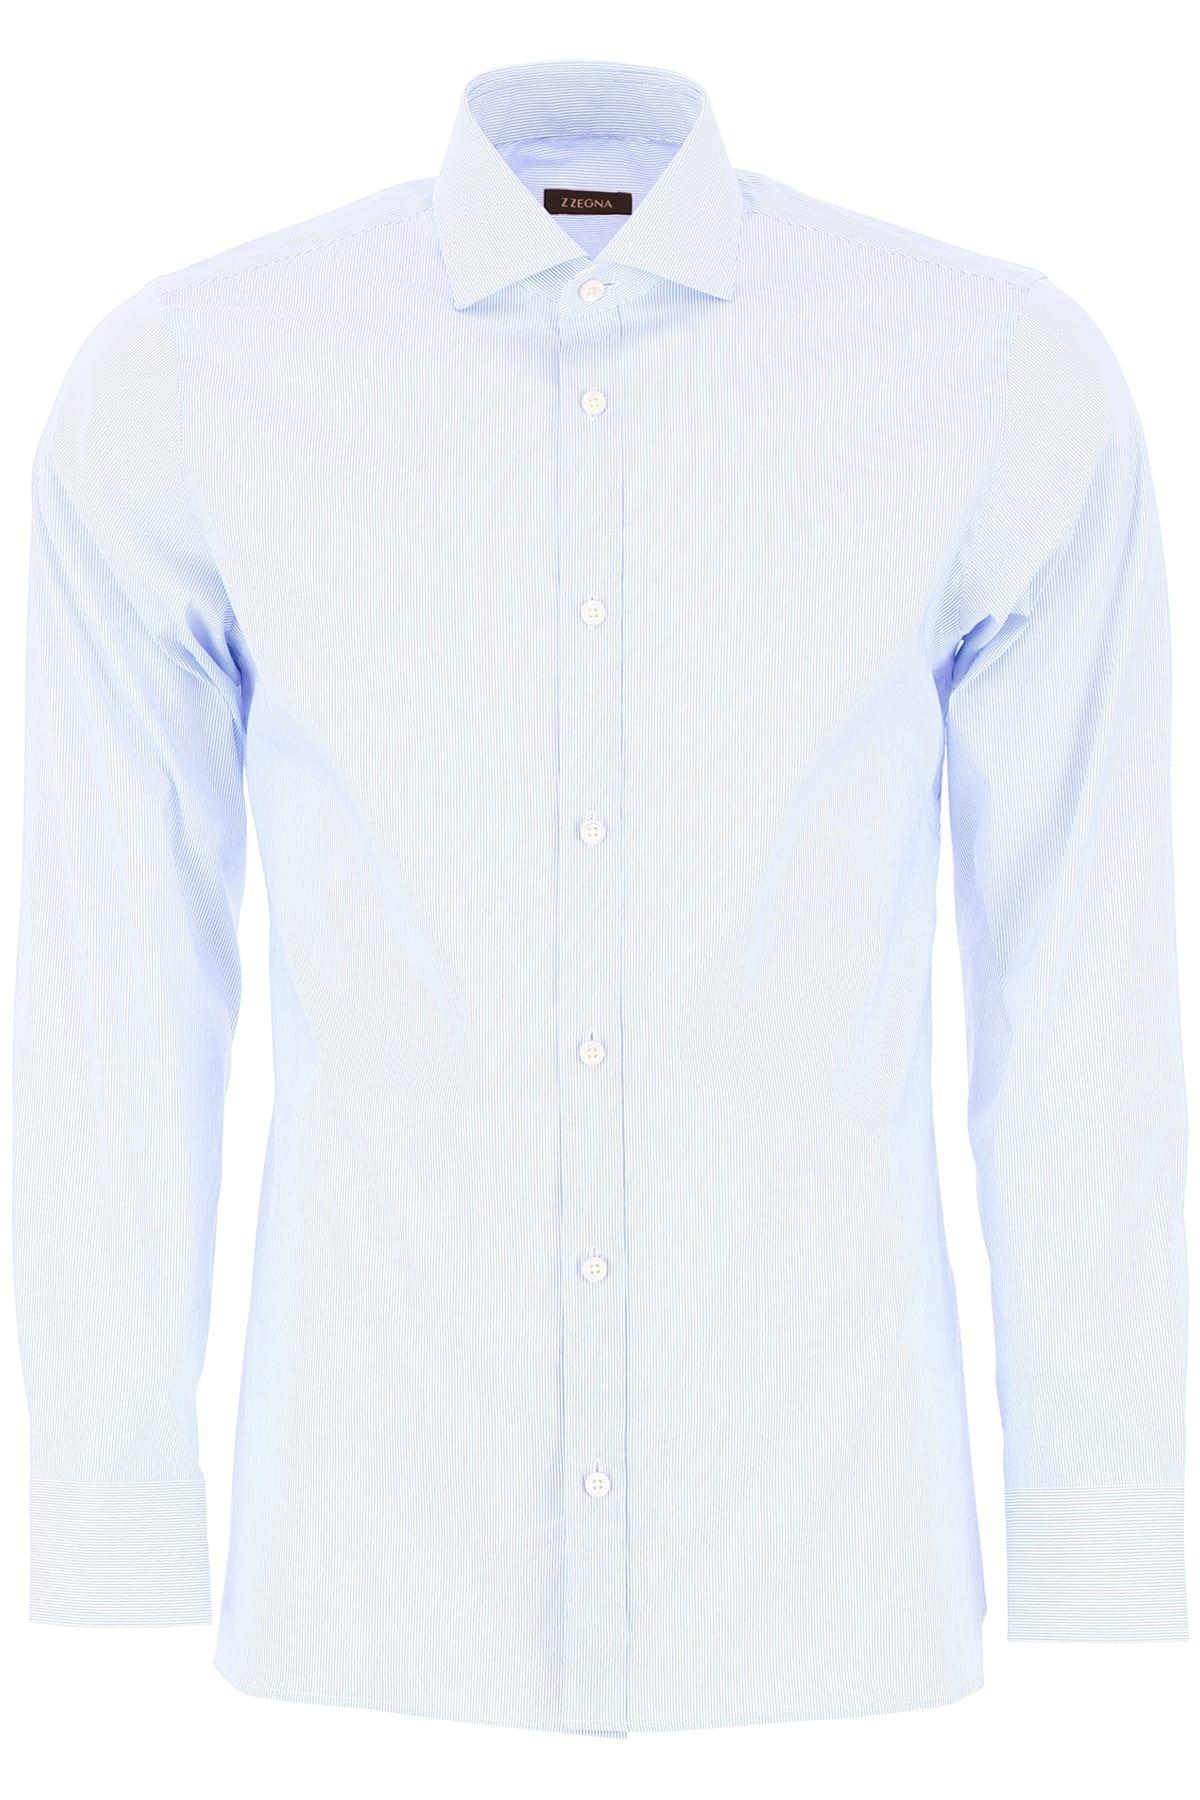 Z Zegna Striped Cotton Shirt